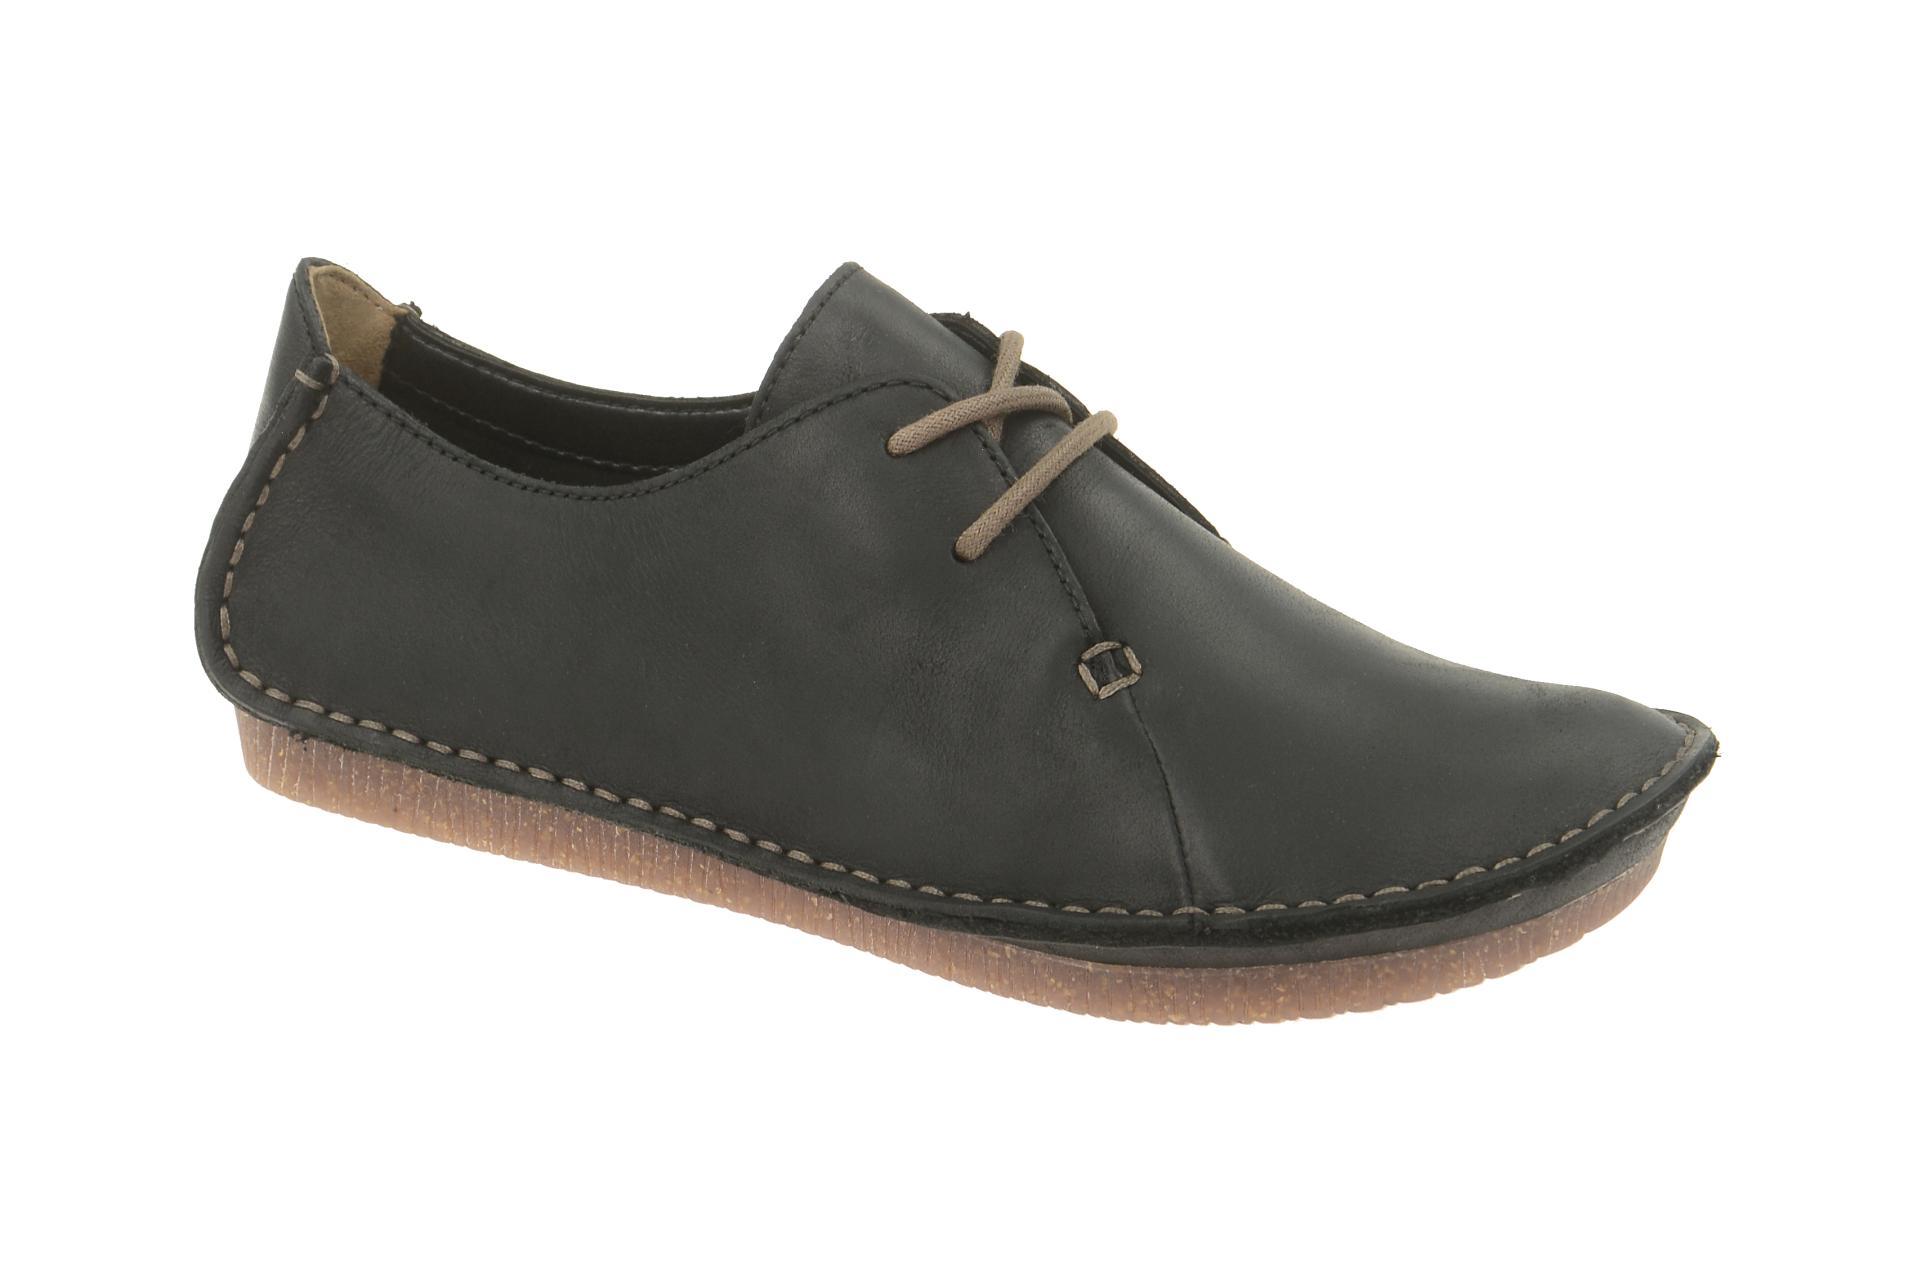 Clarks JANEY MAE Damen zapatos  - bequeme Schnür-  Halb zapatos  Schnür- schwarz NEU e9fe00